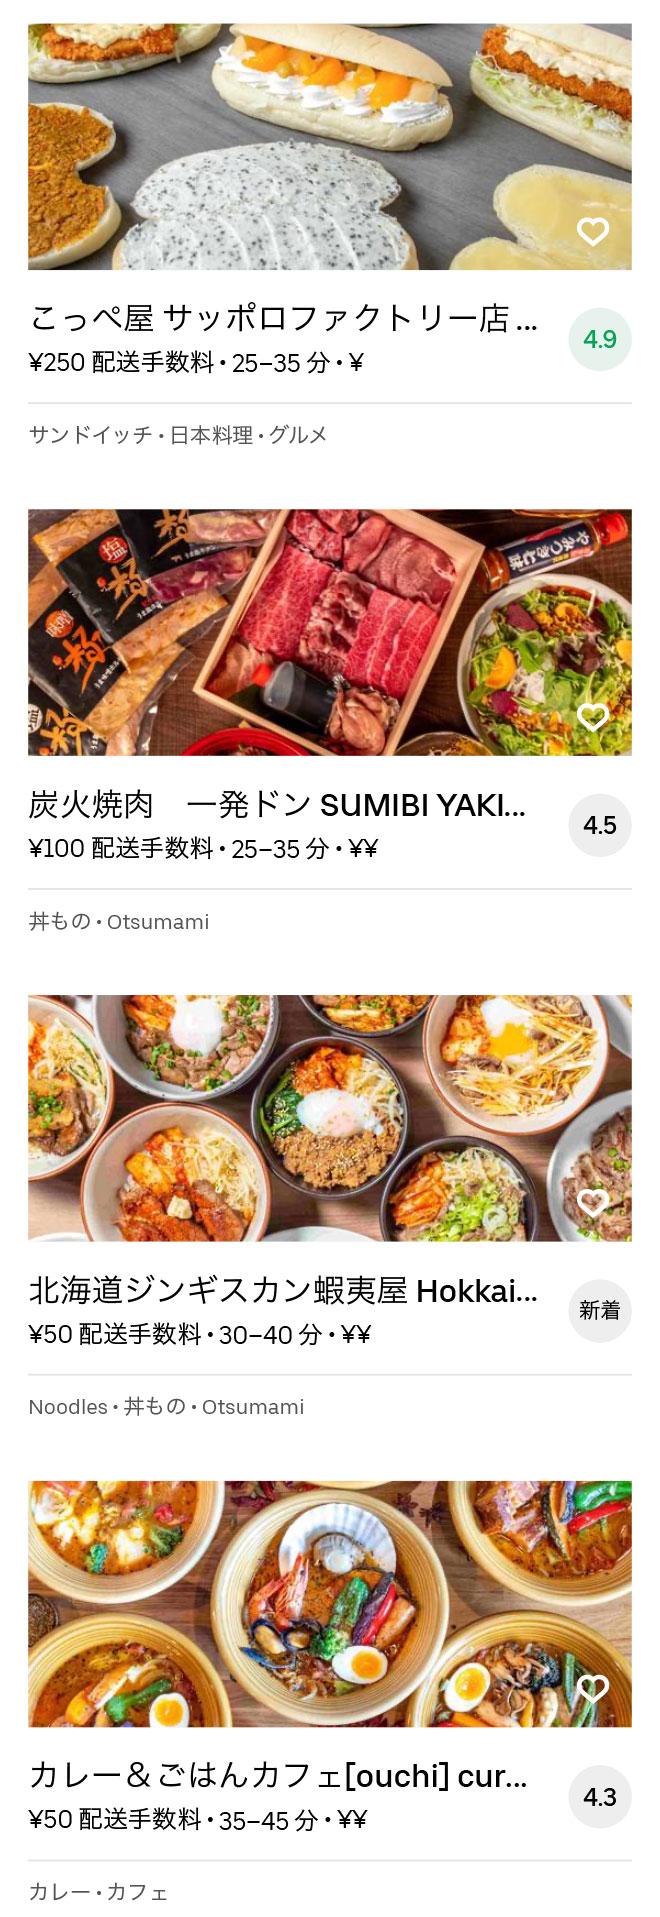 Susukino menu 2008 07